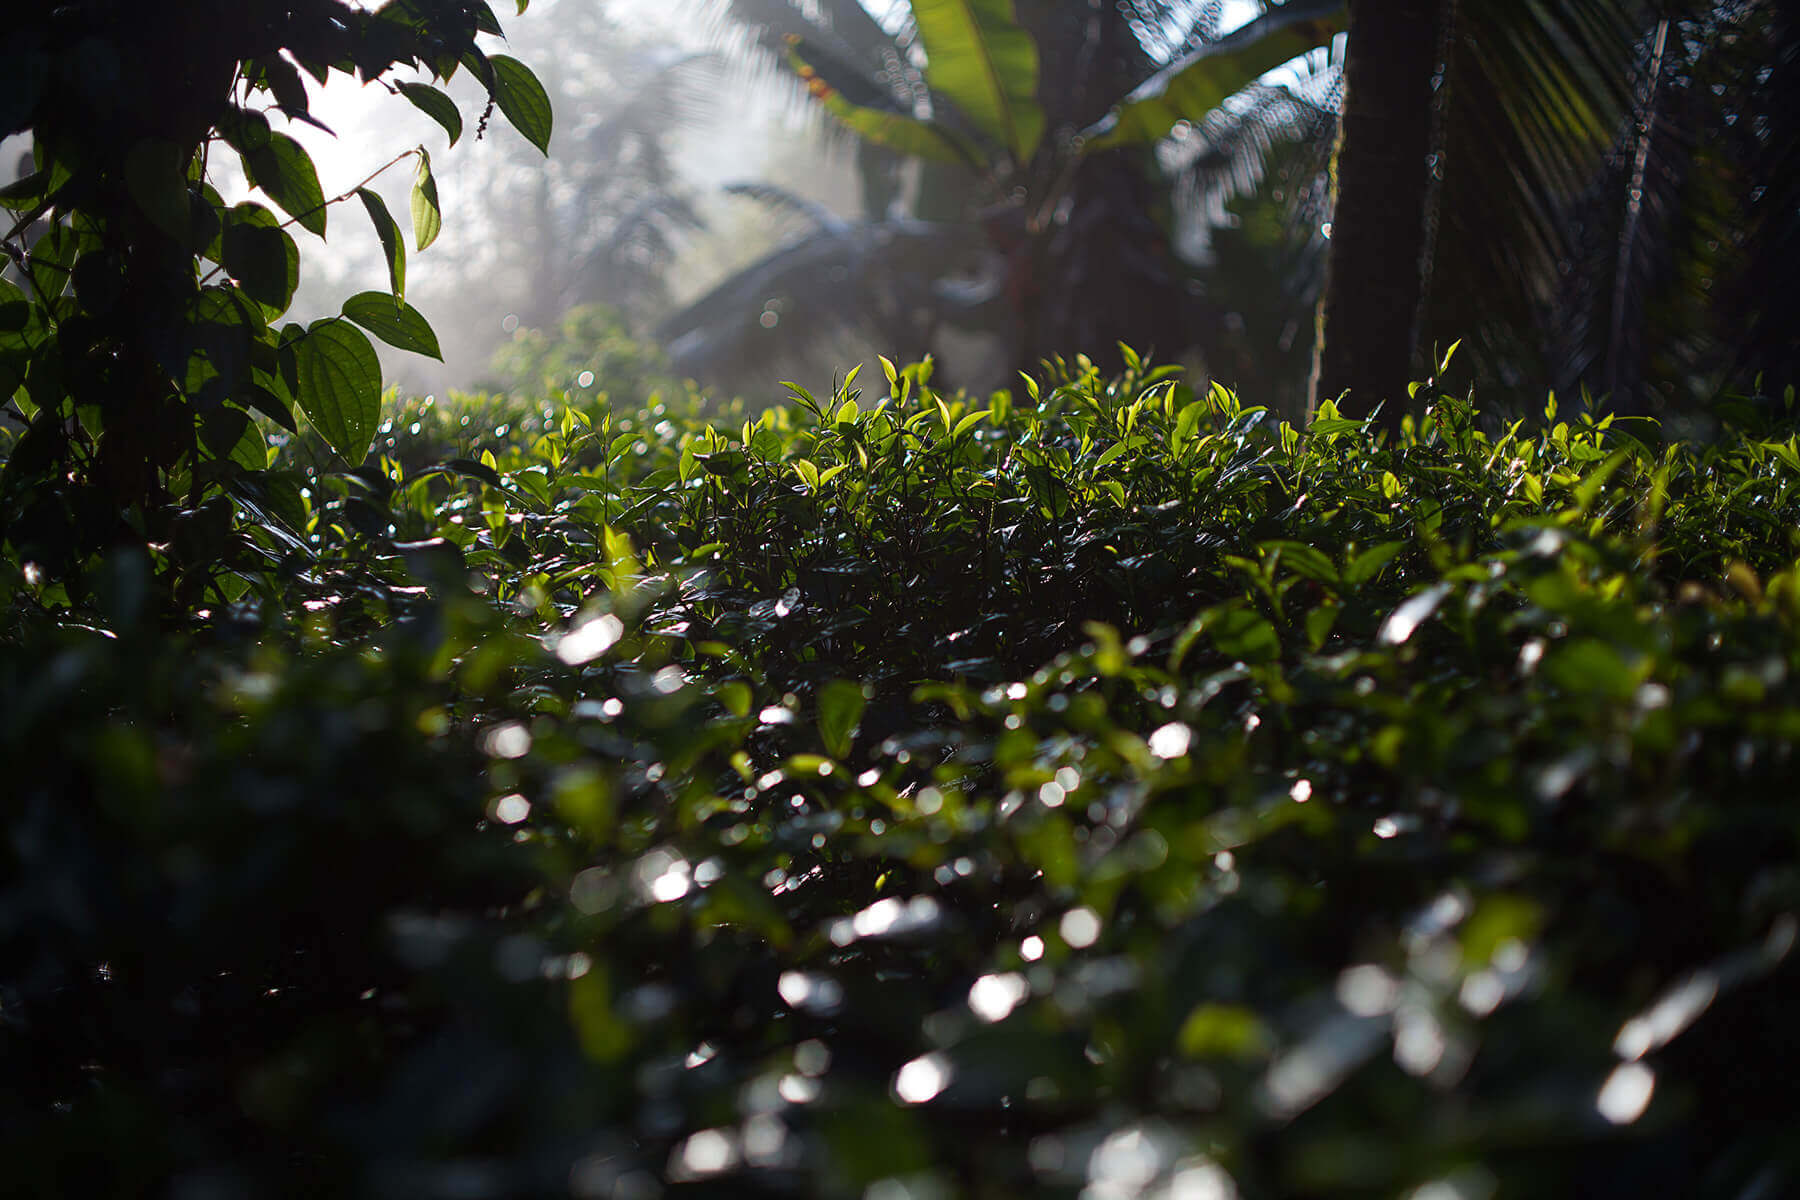 Herbata o poranku. Pole herbaciane w sercu lankijskiej dżungli.